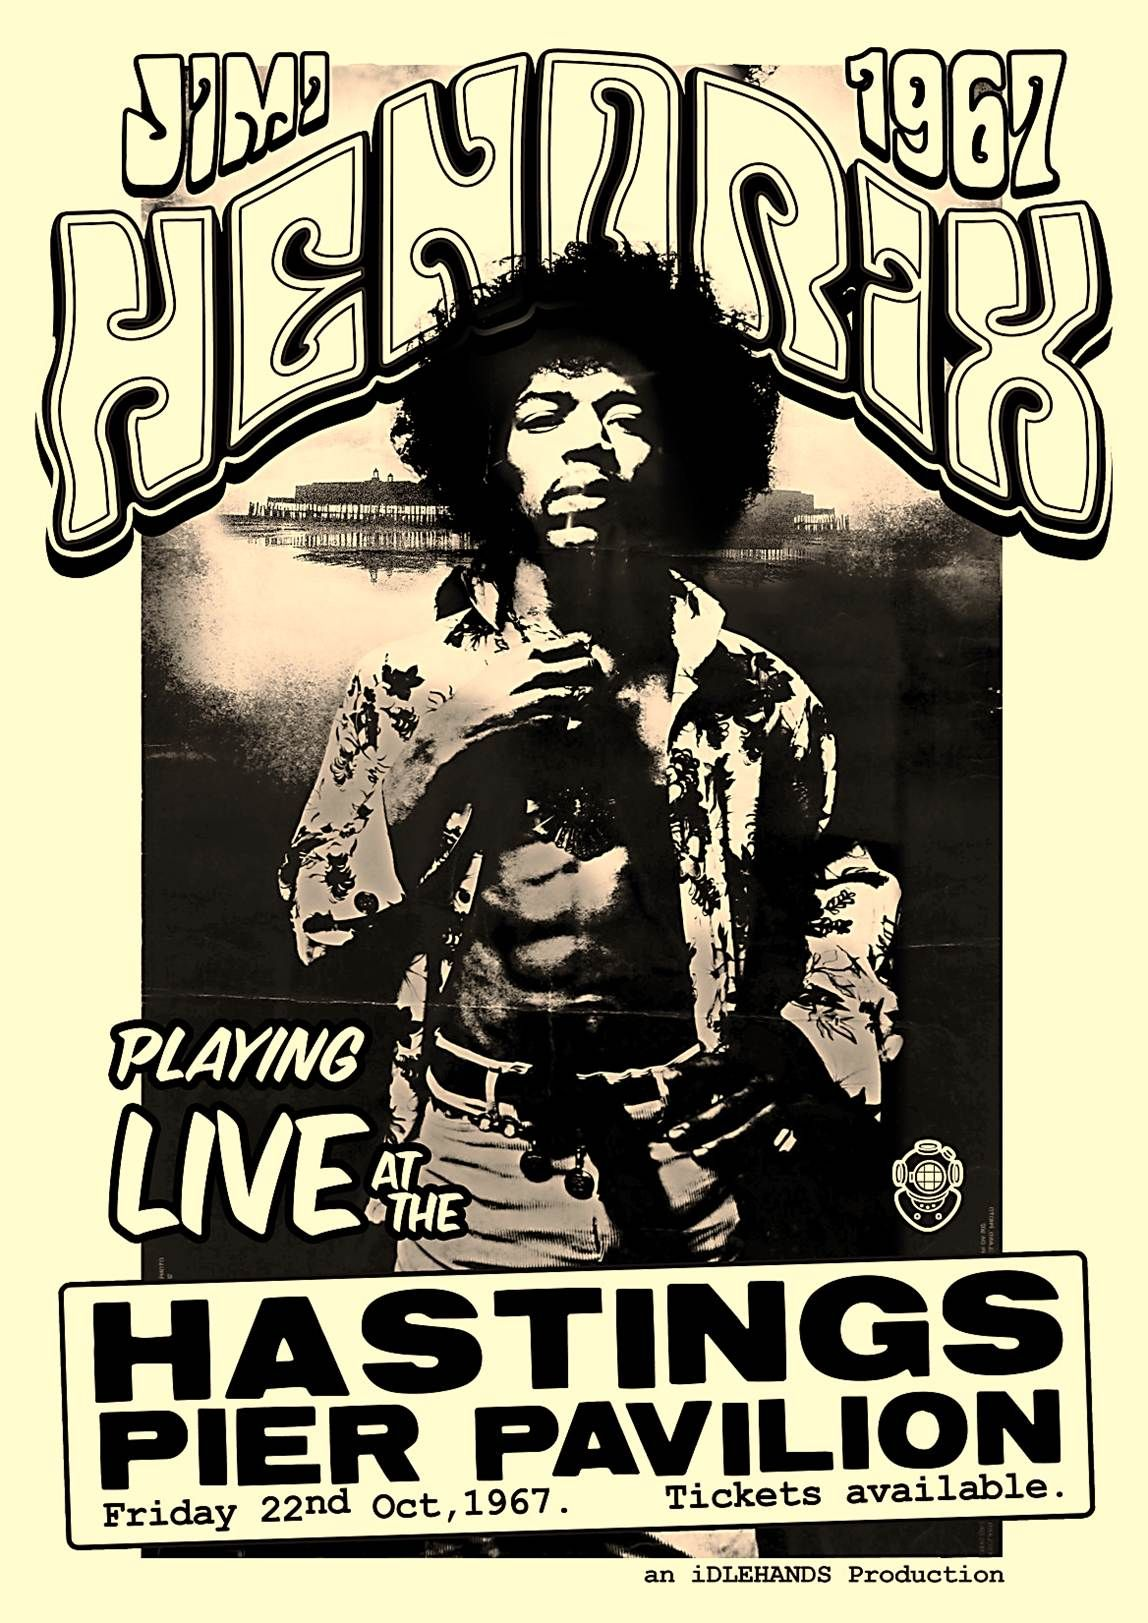 Jimi Hendrix Appeared On Hastings Pier In 1967